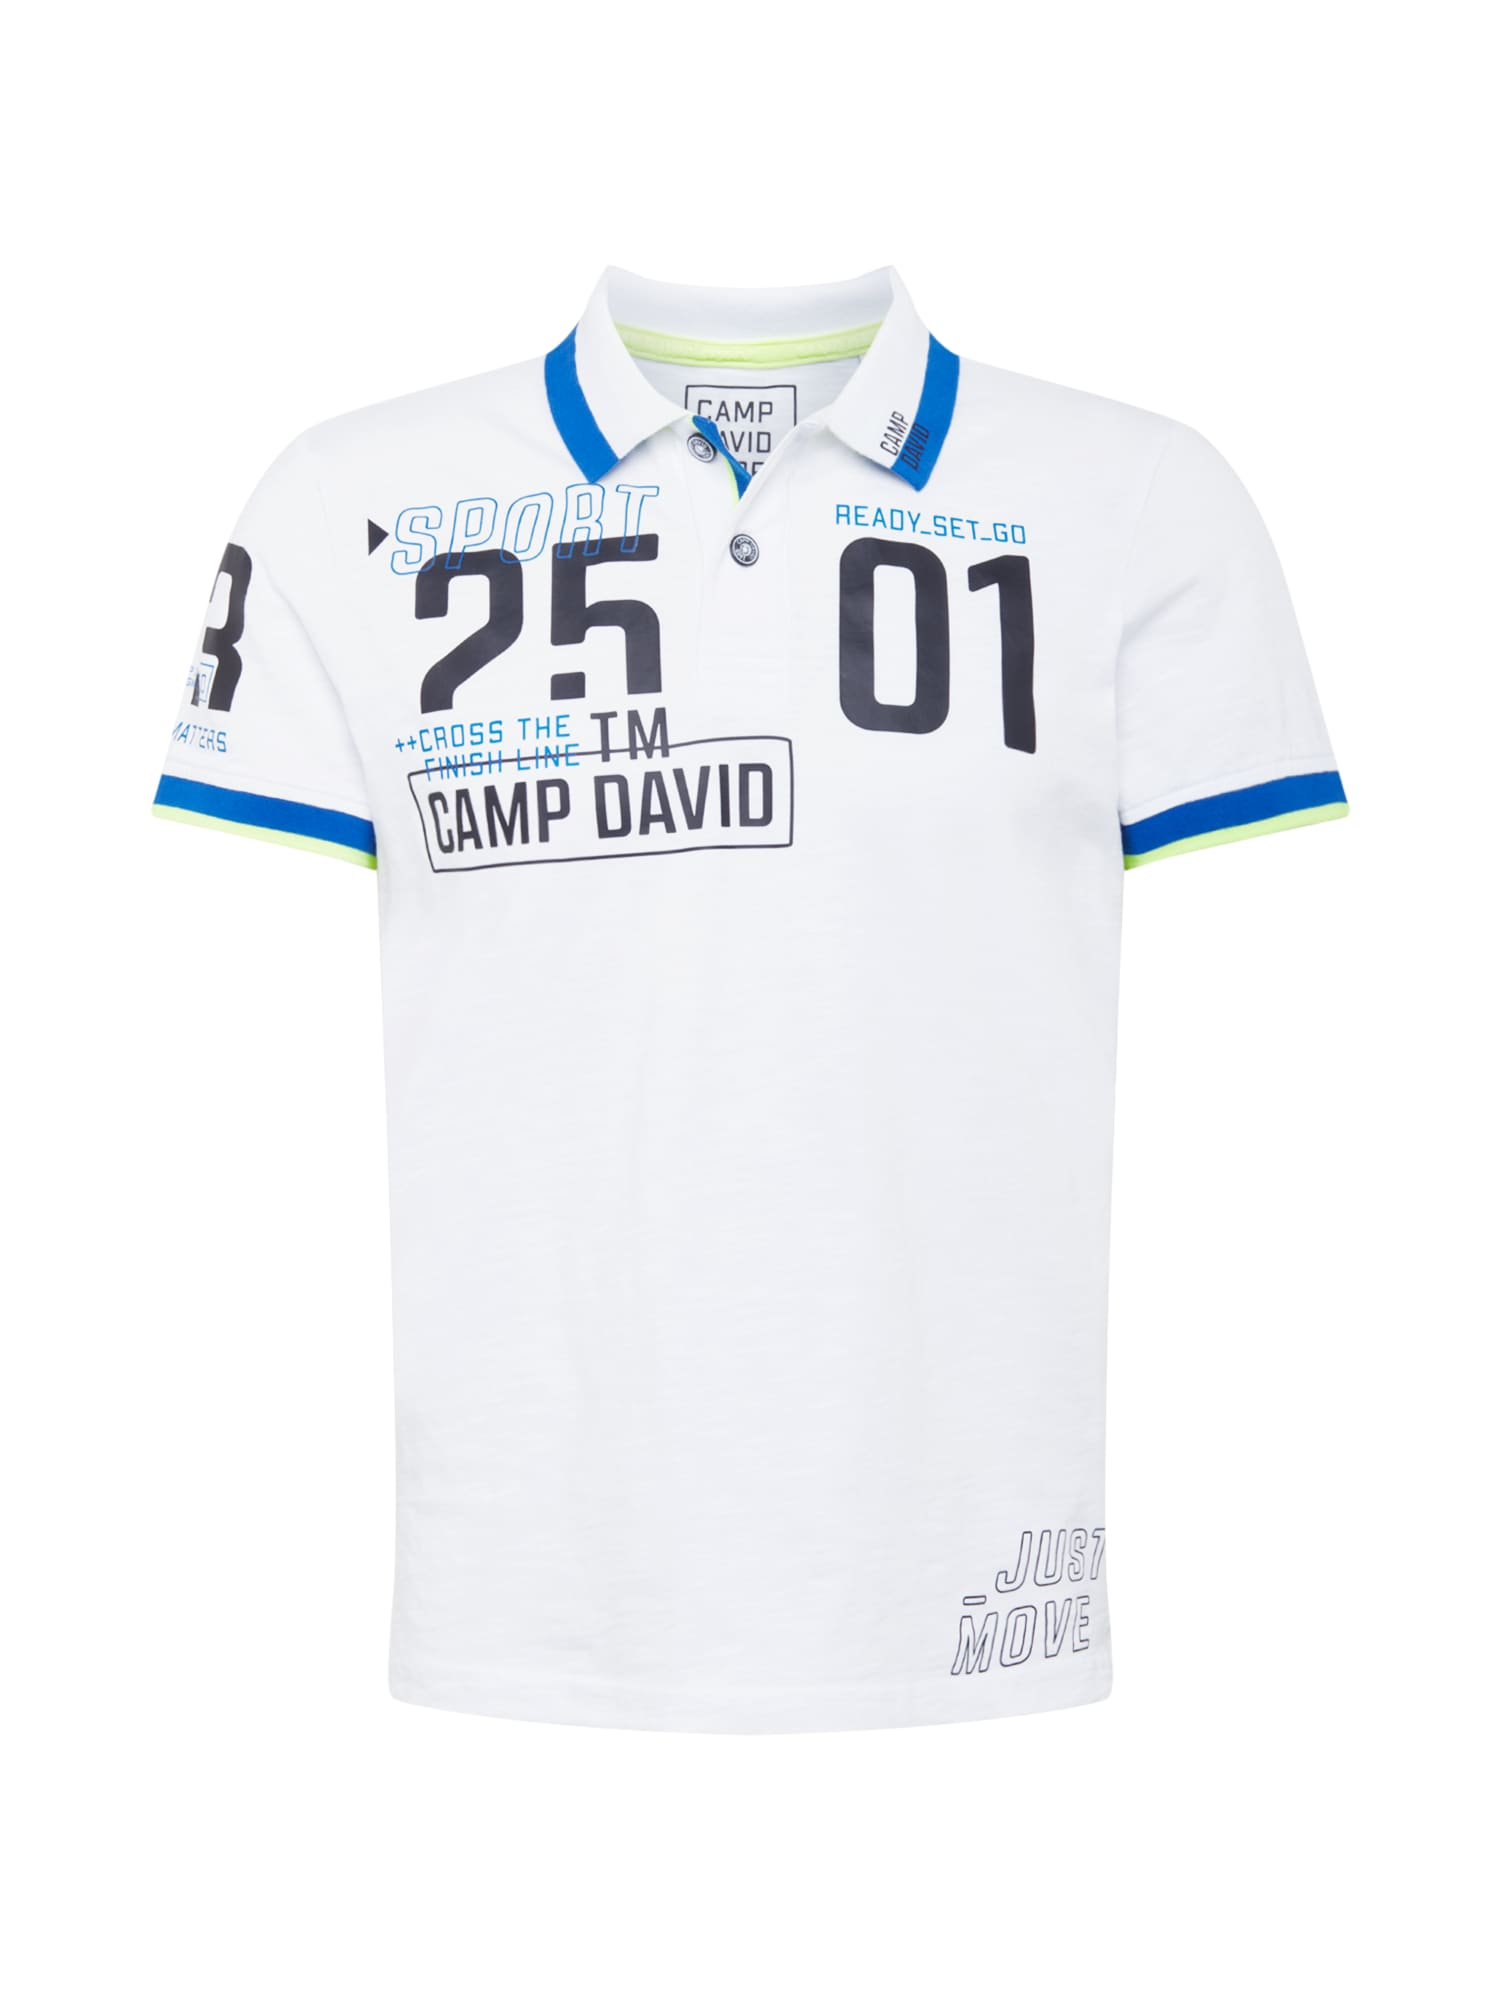 CAMP DAVID Marškinėliai balta / mėlyna / dangaus žydra / juoda / neoninė geltona